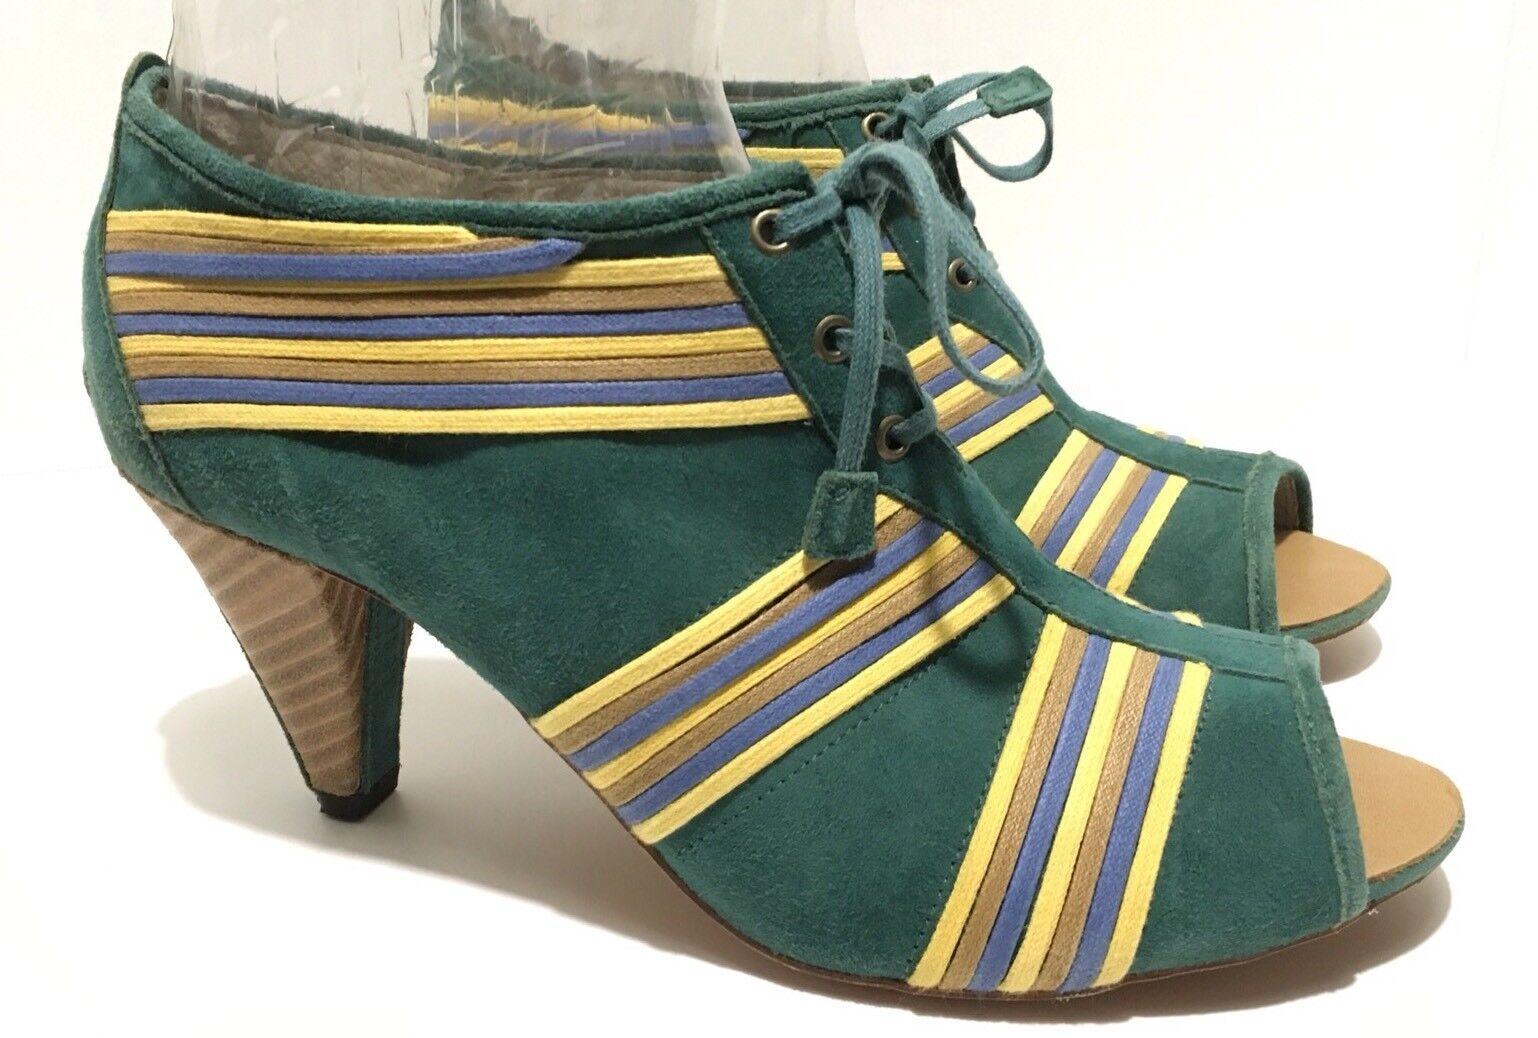 Anthropologie J Jaywalk 8 1/2 Green Shoes Peep Booties Heels Blue St. Patrick's